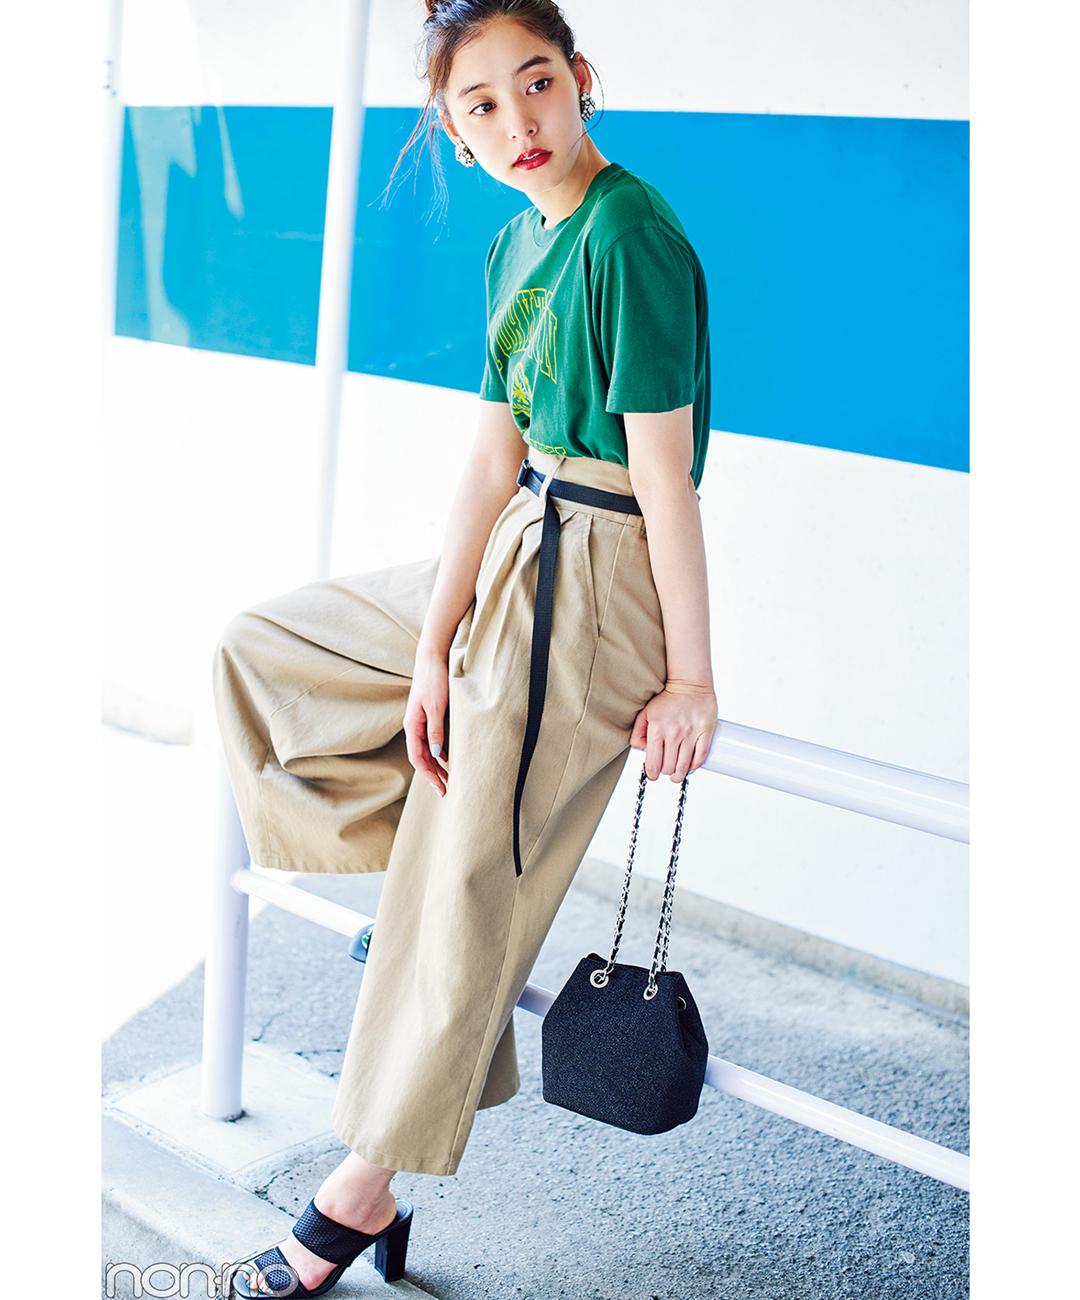 【夏のパンツコーデ】新木優子の、感度の高さが際立つ、こなれ感たっぷりチノコーデ★